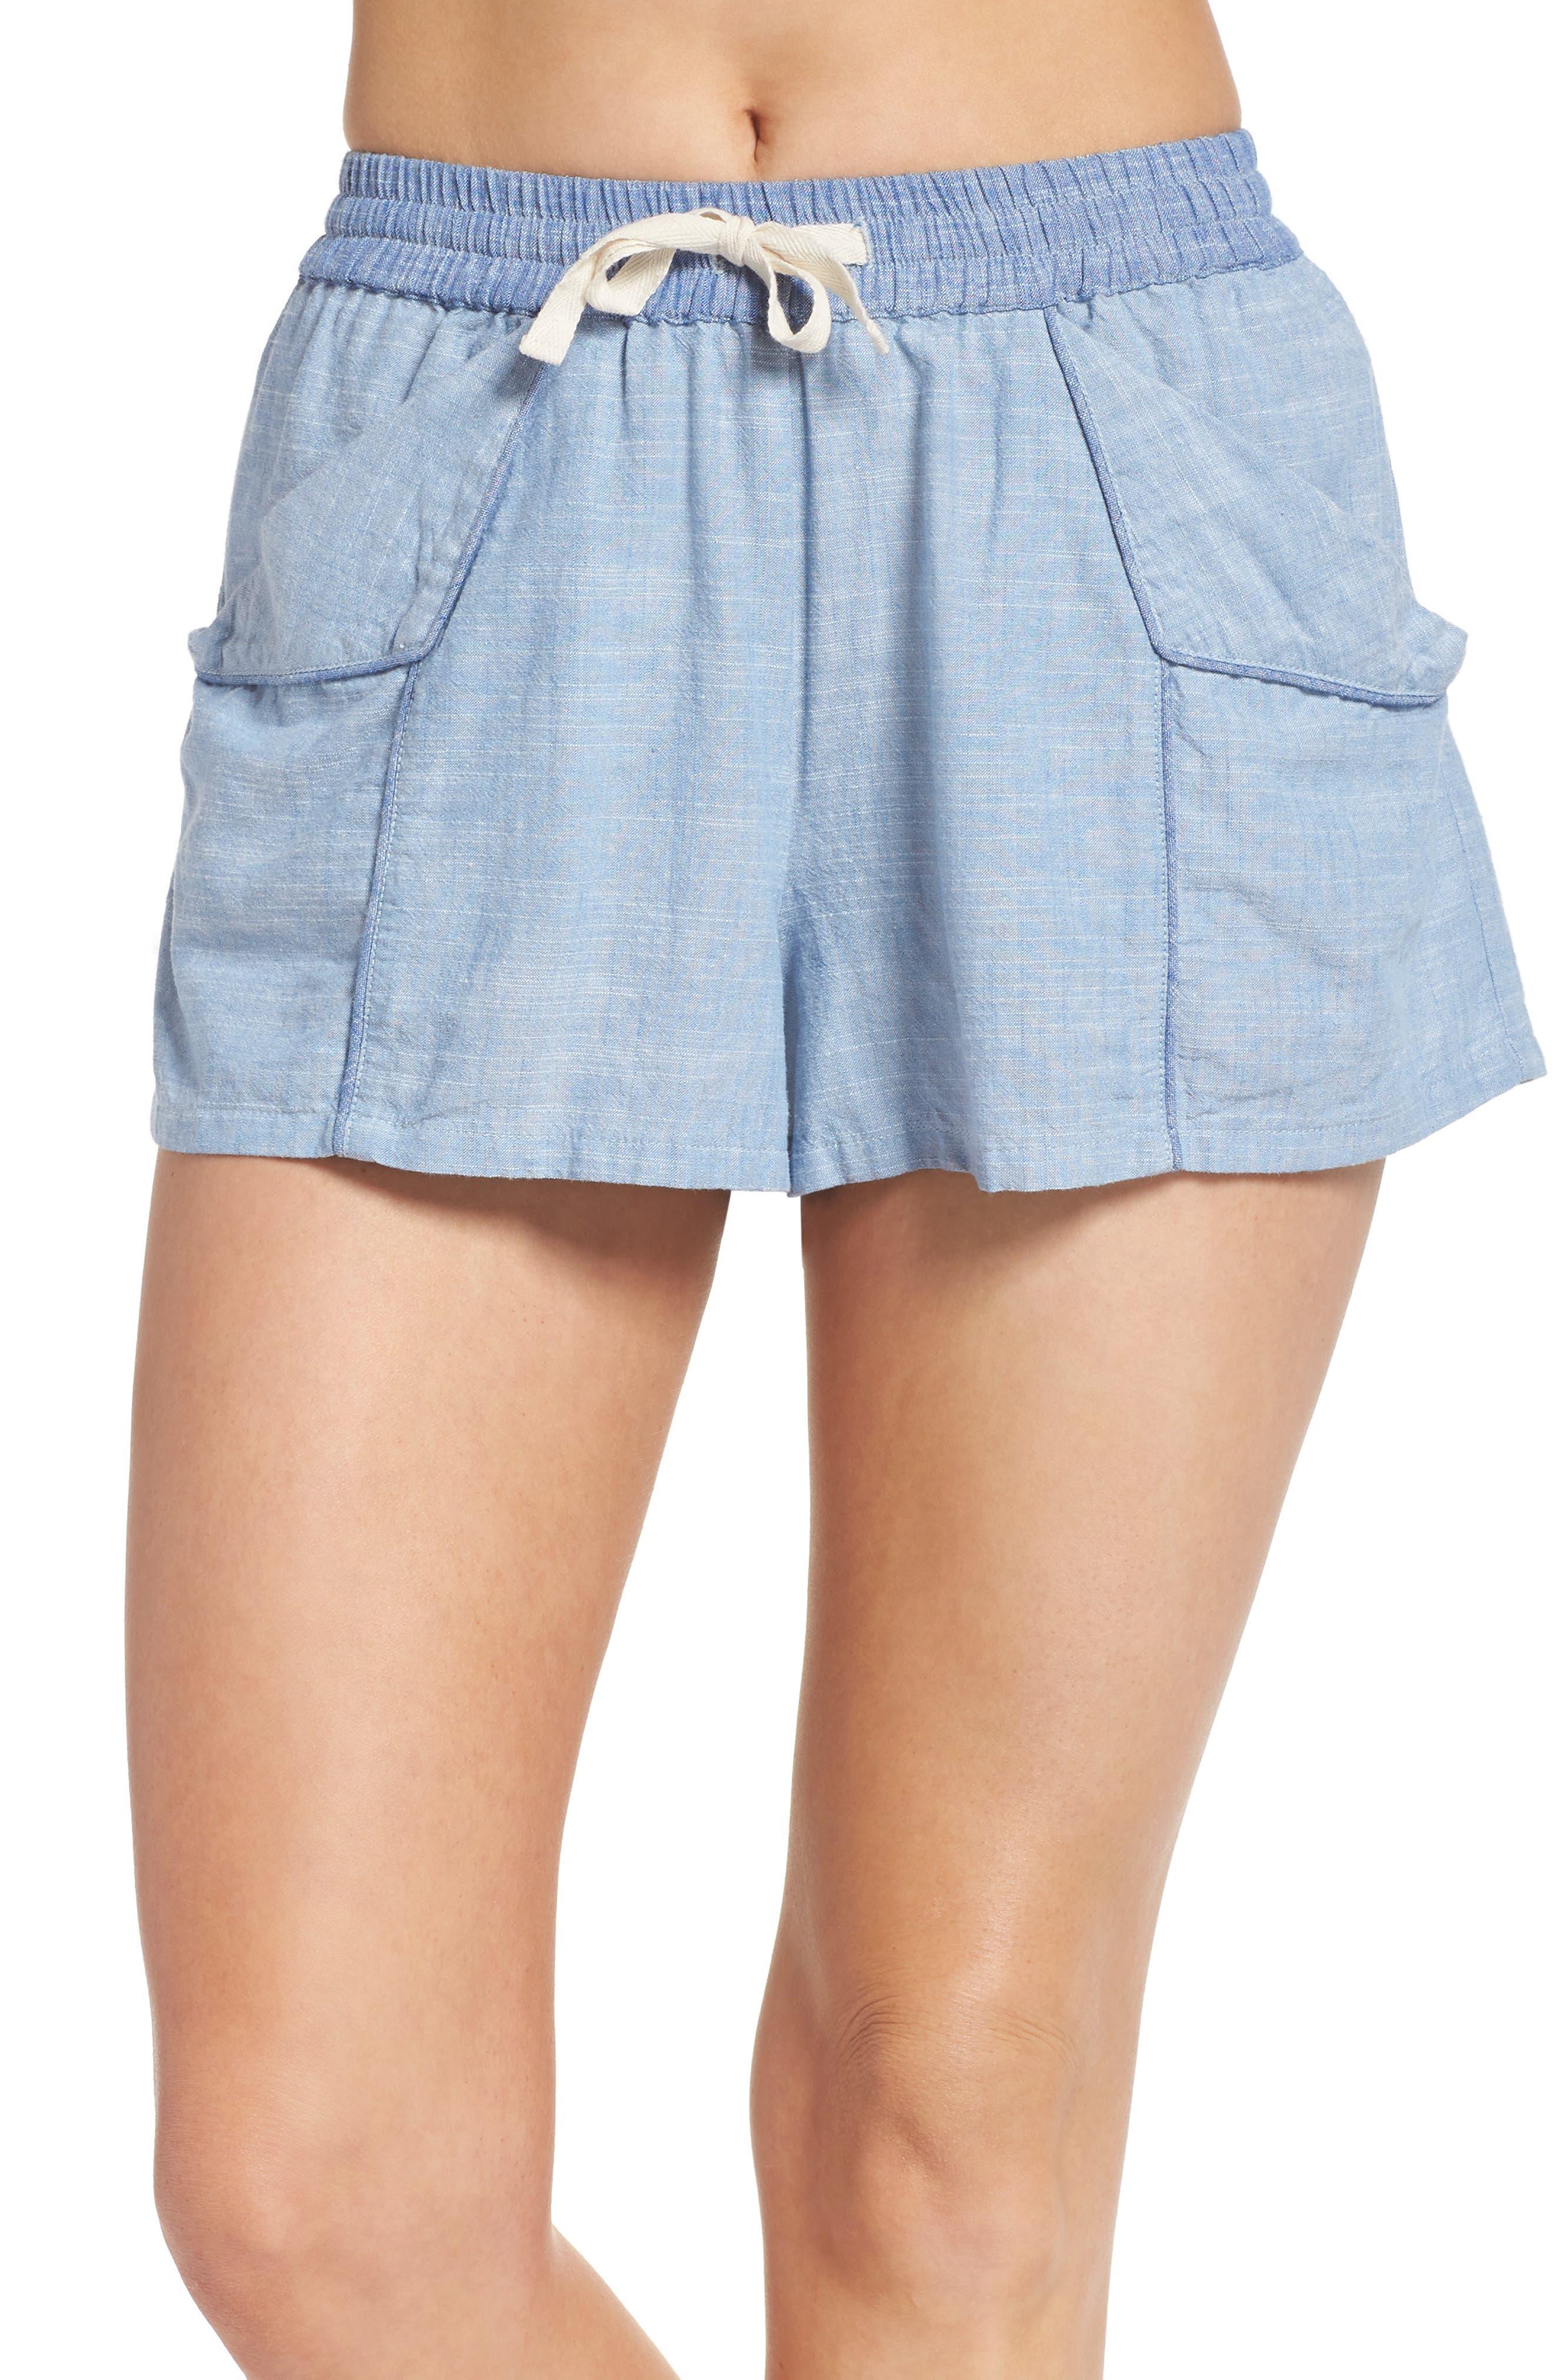 Jude Pajama Shorts,                         Main,                         color, 458